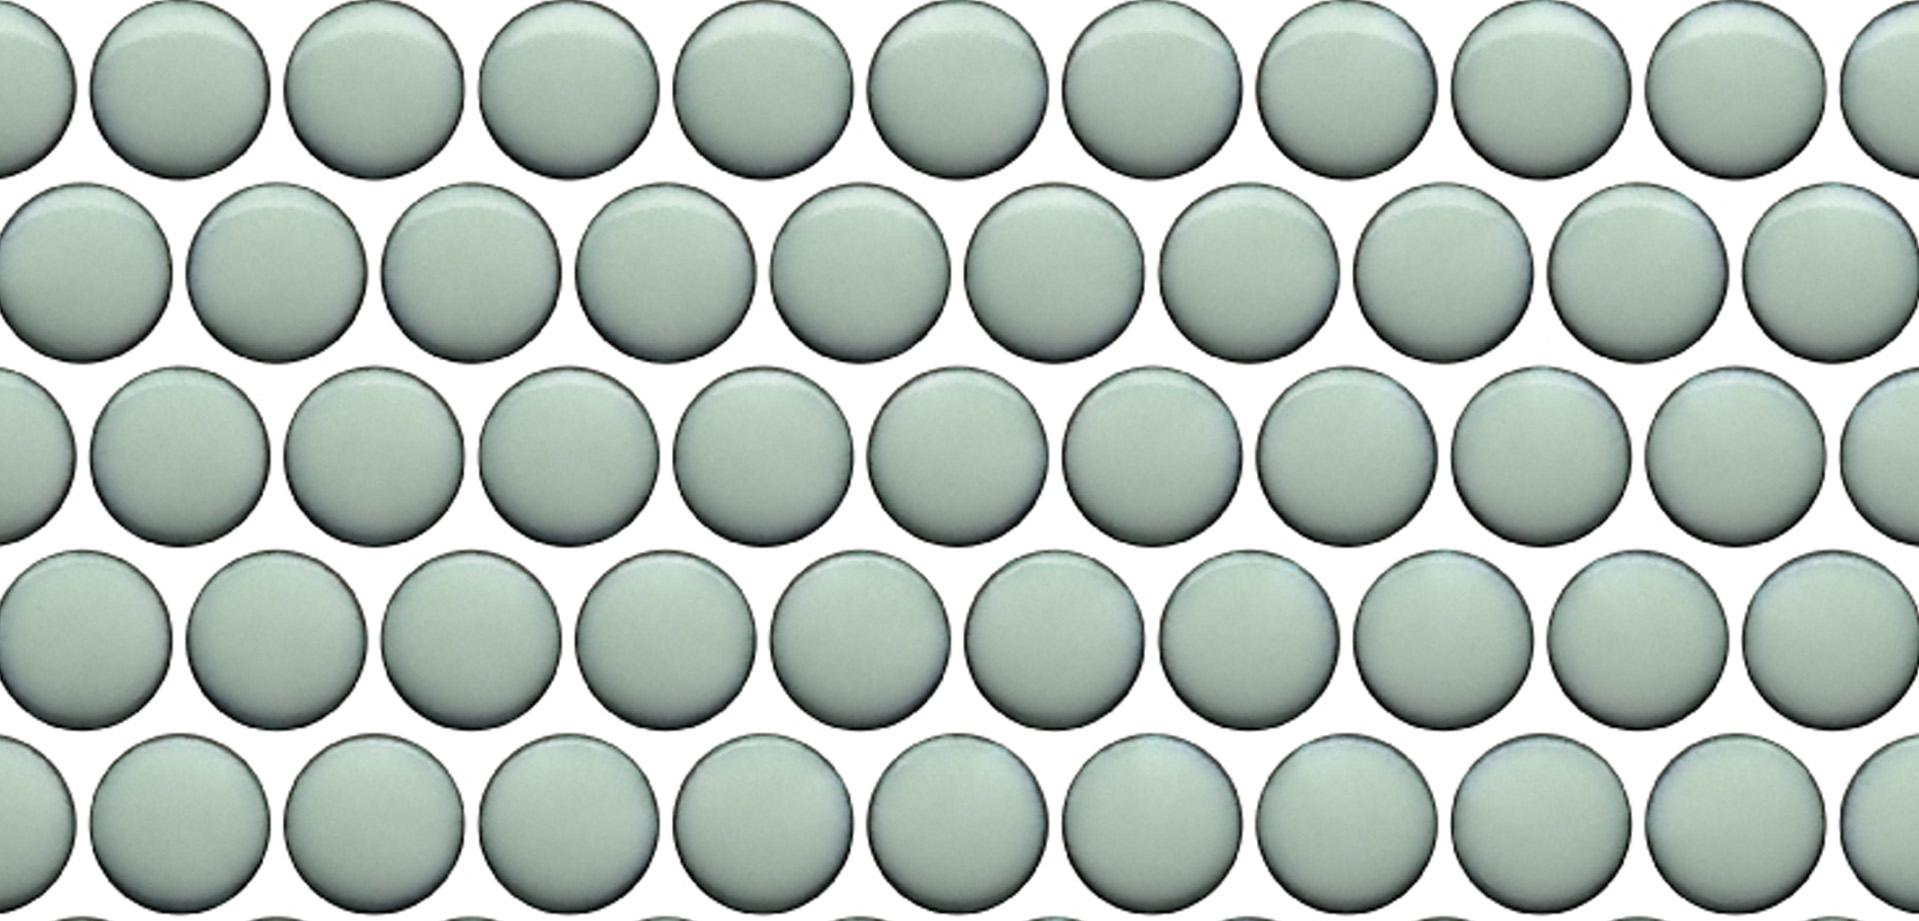 CC Plus Mosaics_01.jpg